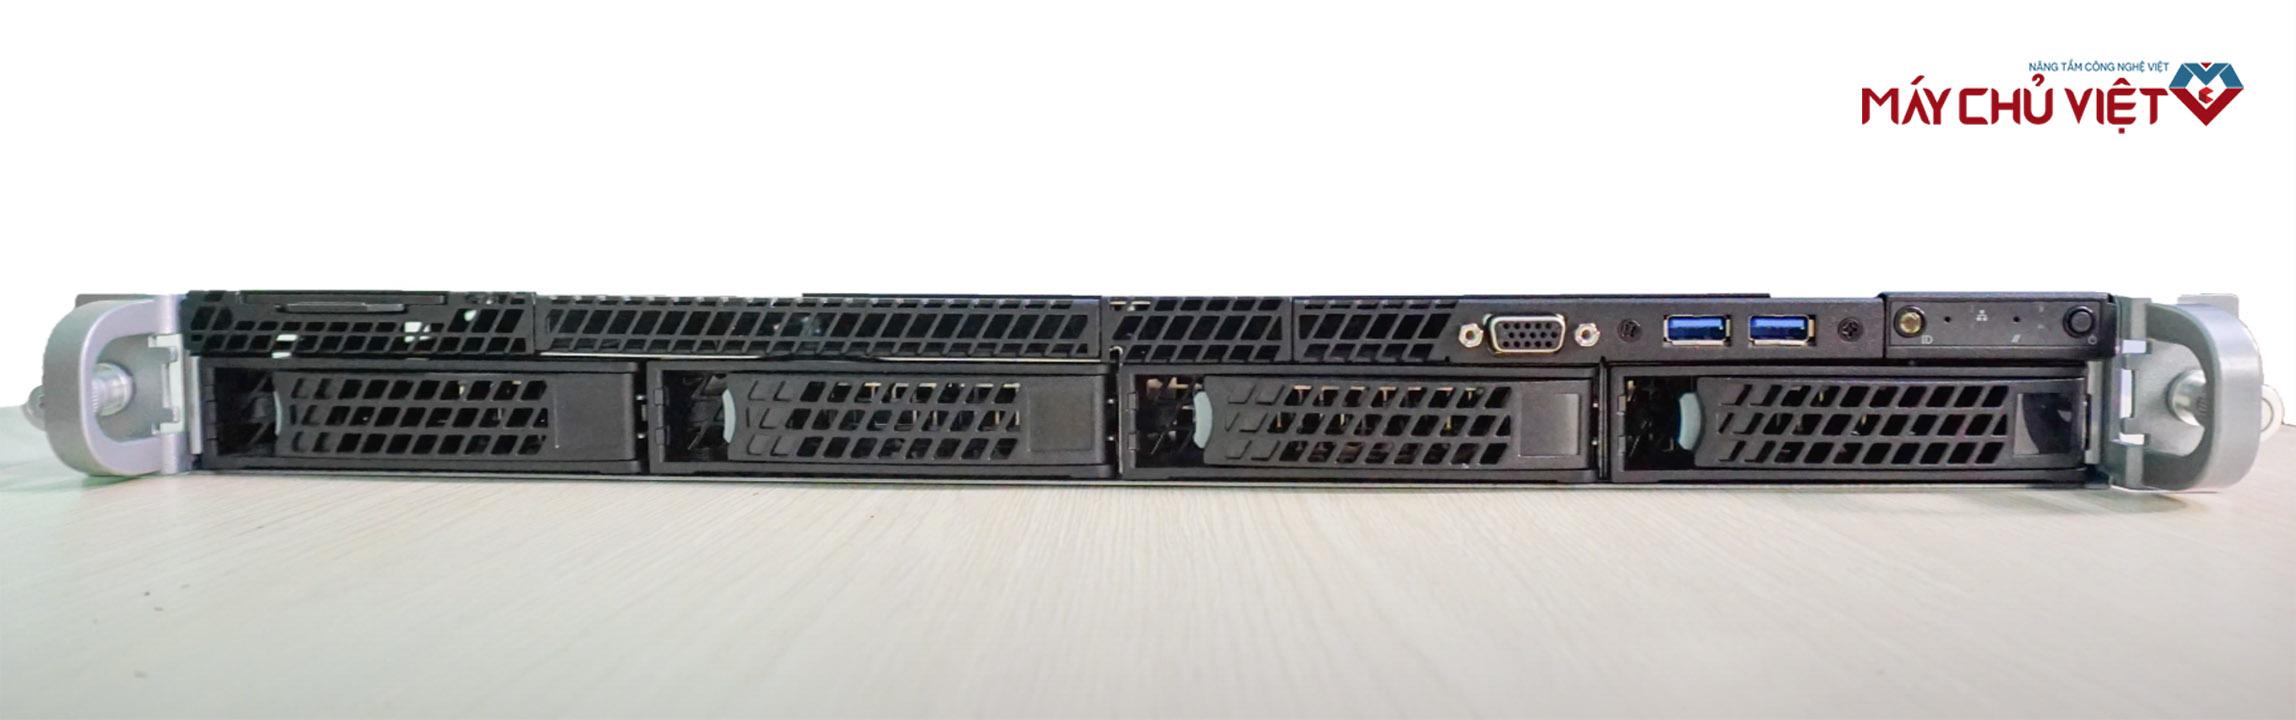 Mặt trước của máy chủ Intel R1304